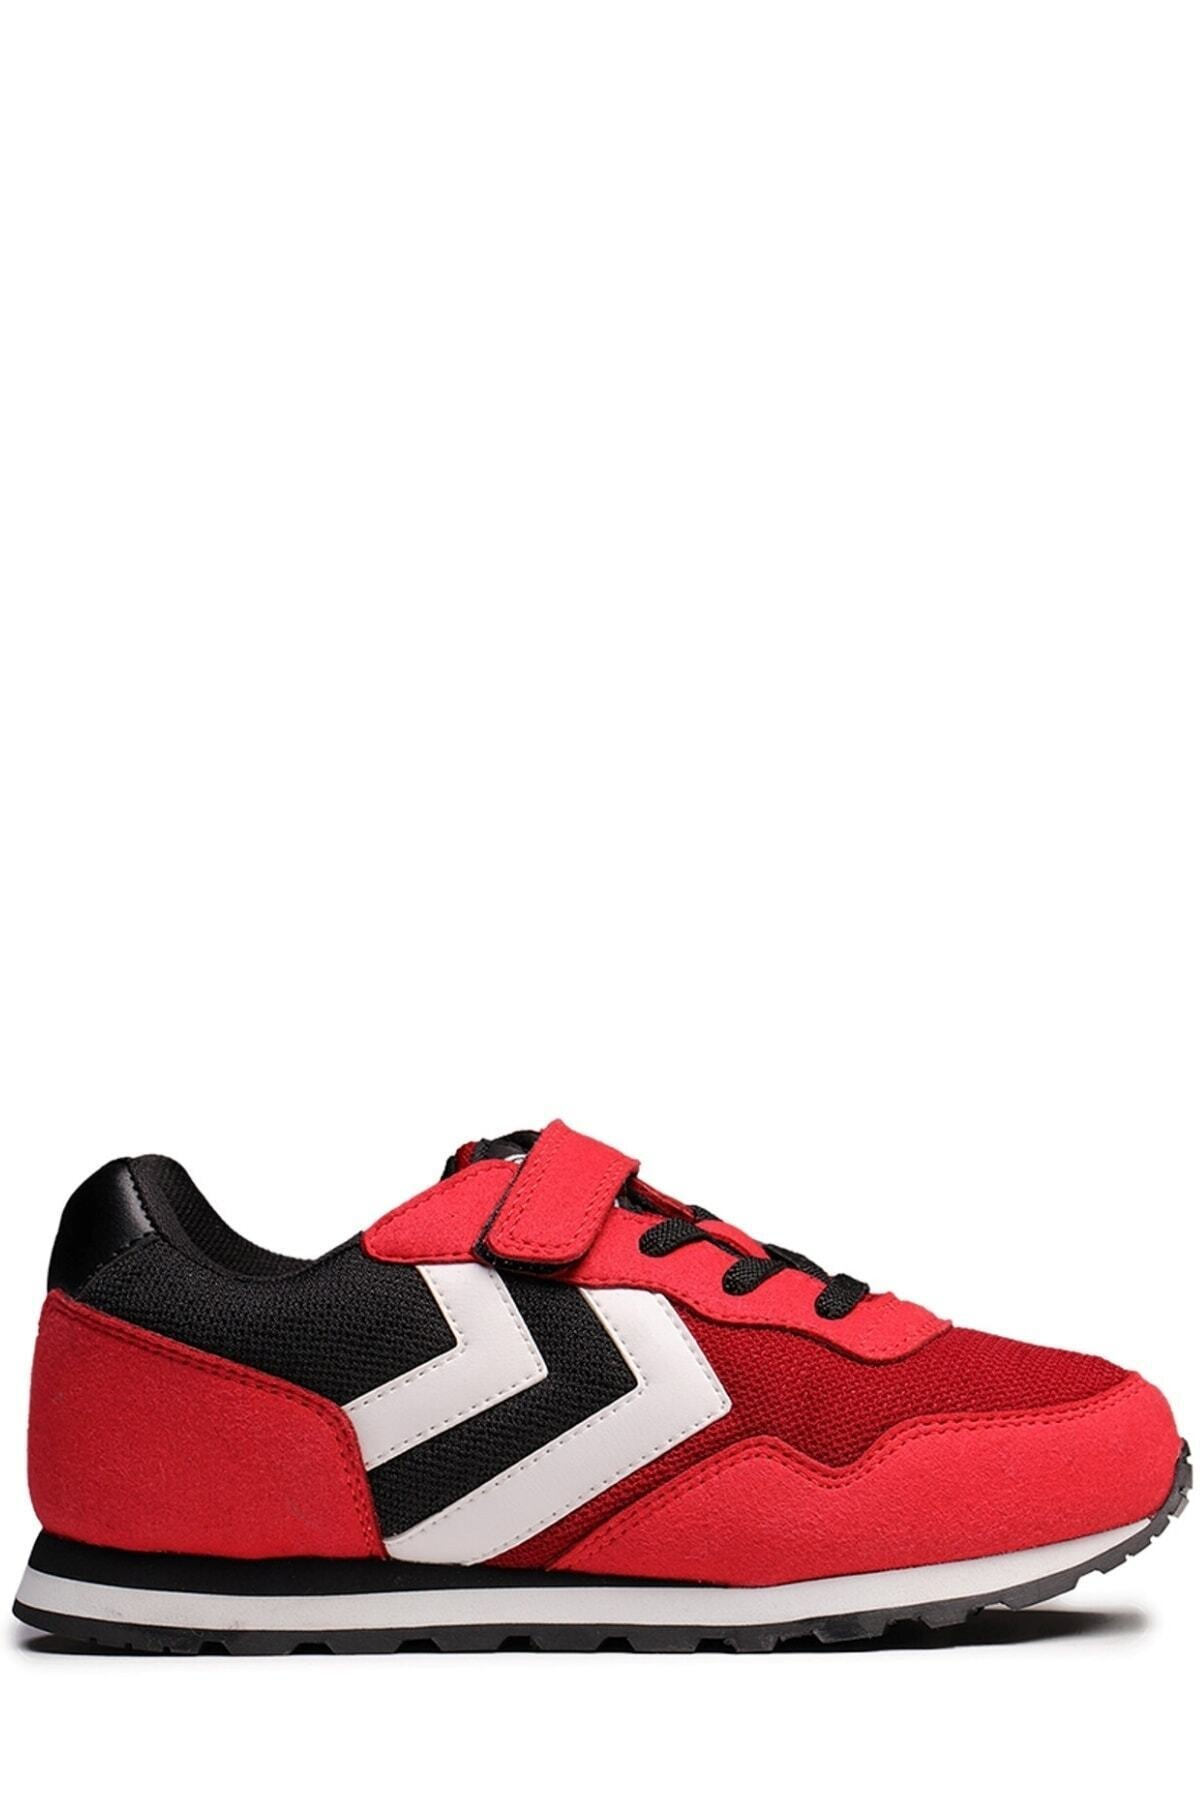 HUMMEL Hmlthor Jr Lıfe Çocuk Ayakkabı 207919-3658 1